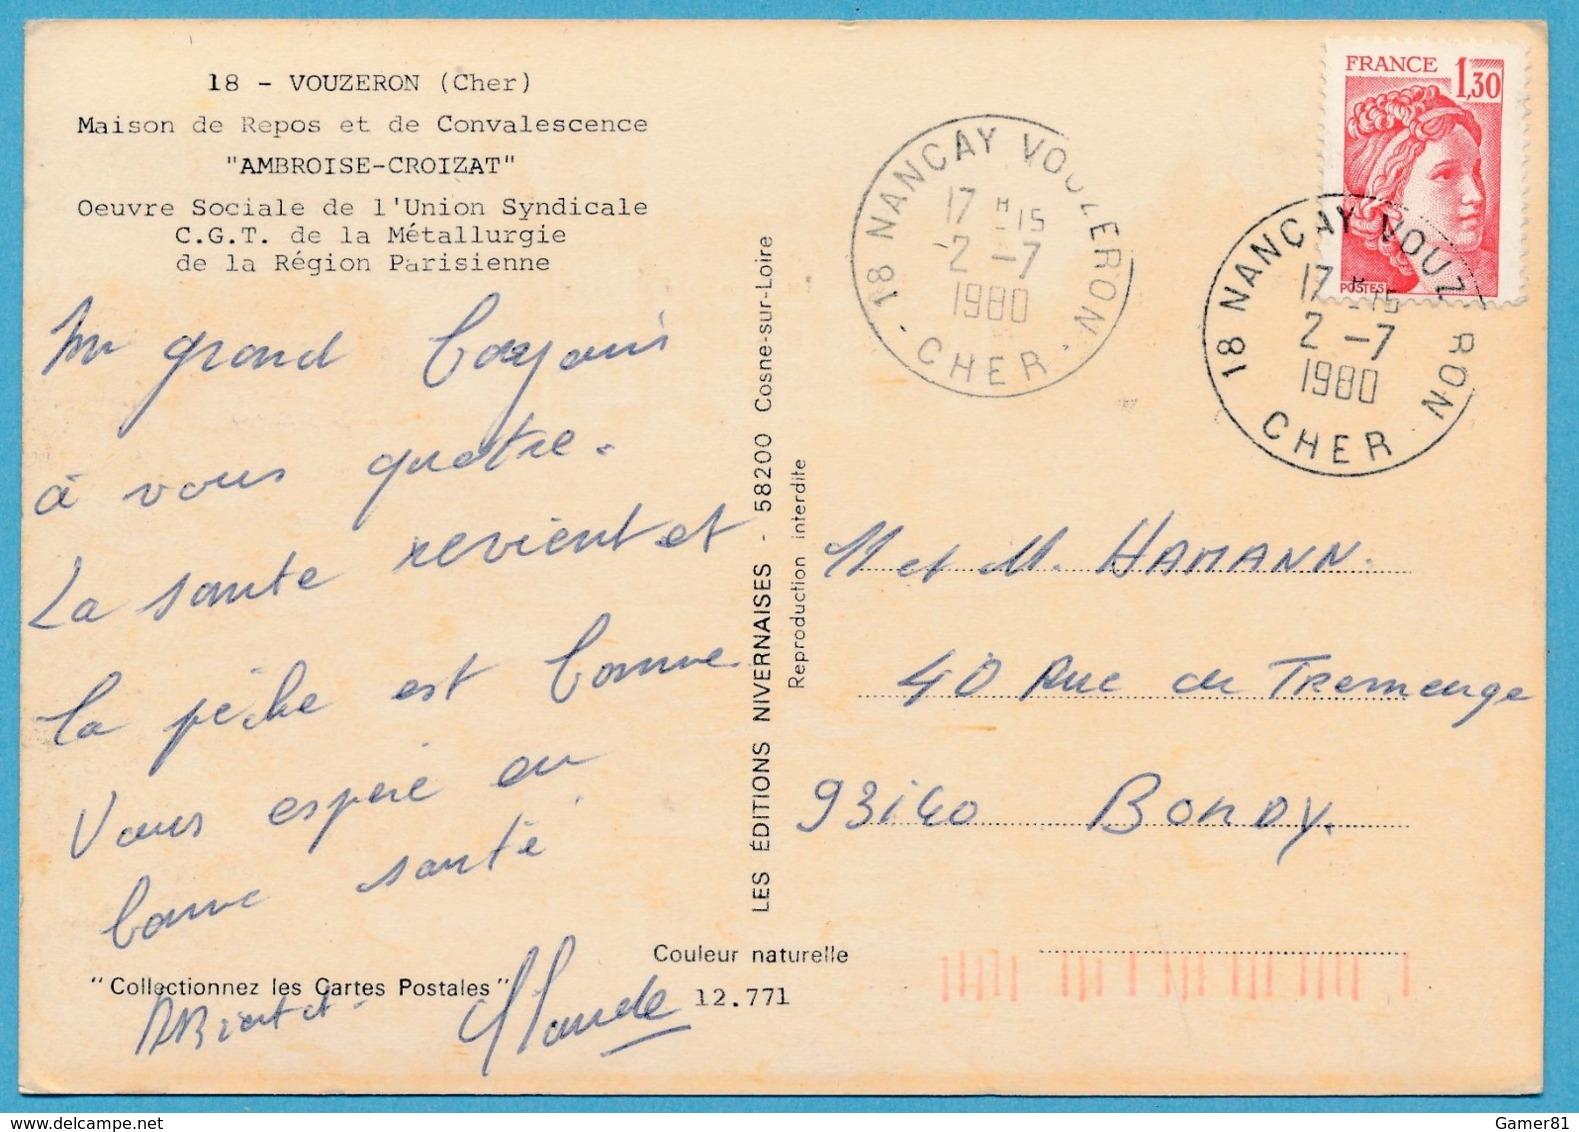 VOUZERON - Maison De Repos Et De Convalescence AMBROISE-CROIZAT - Vouzeron